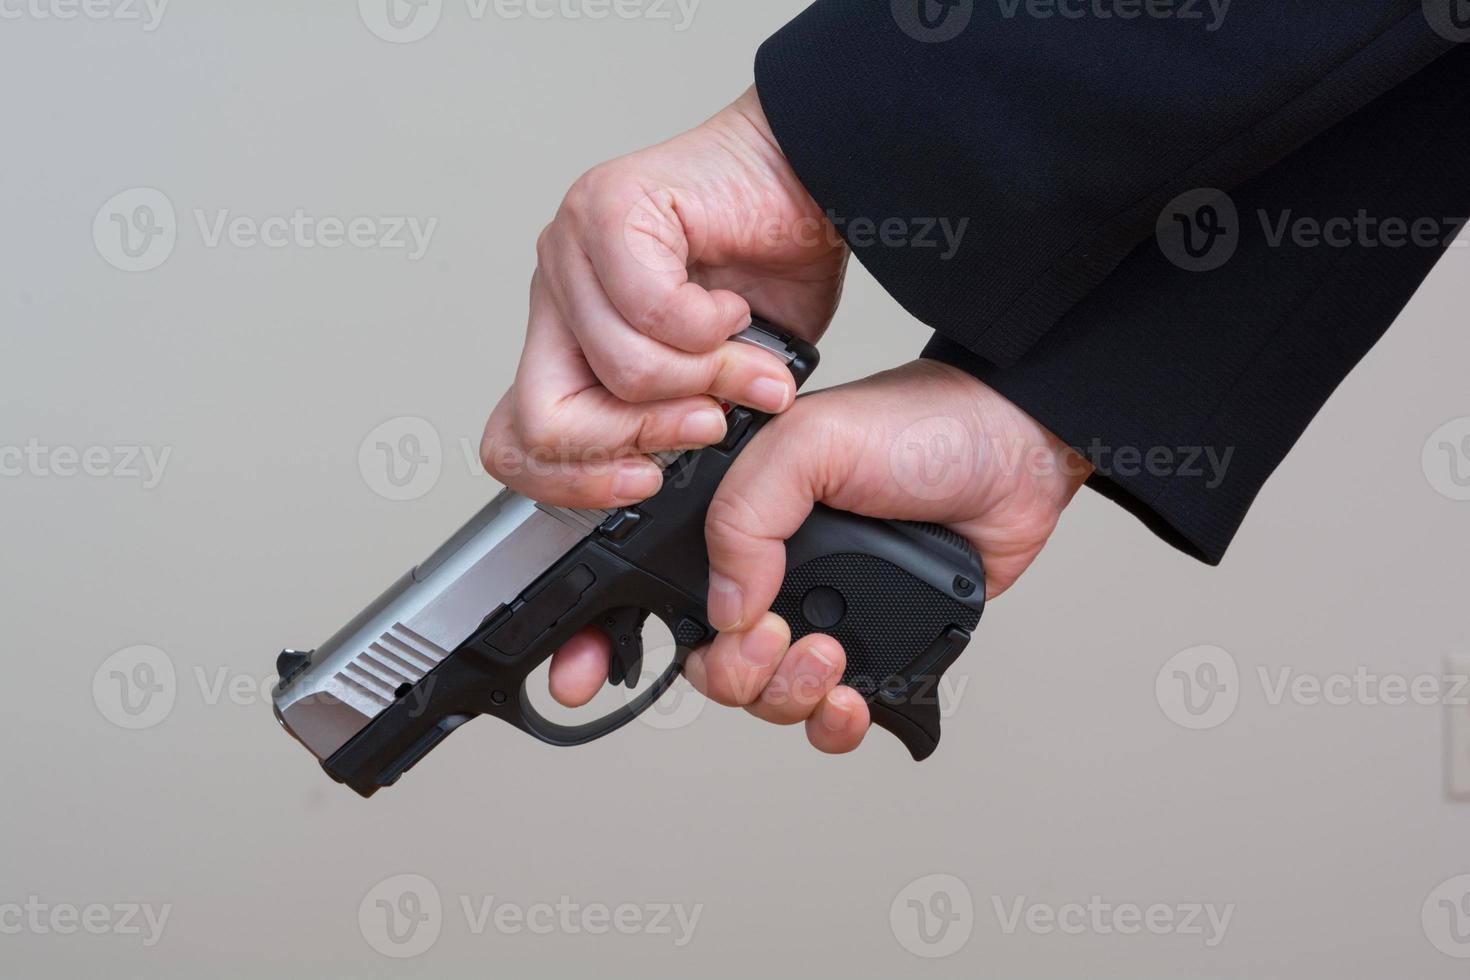 Woman cocking a hand gun photo